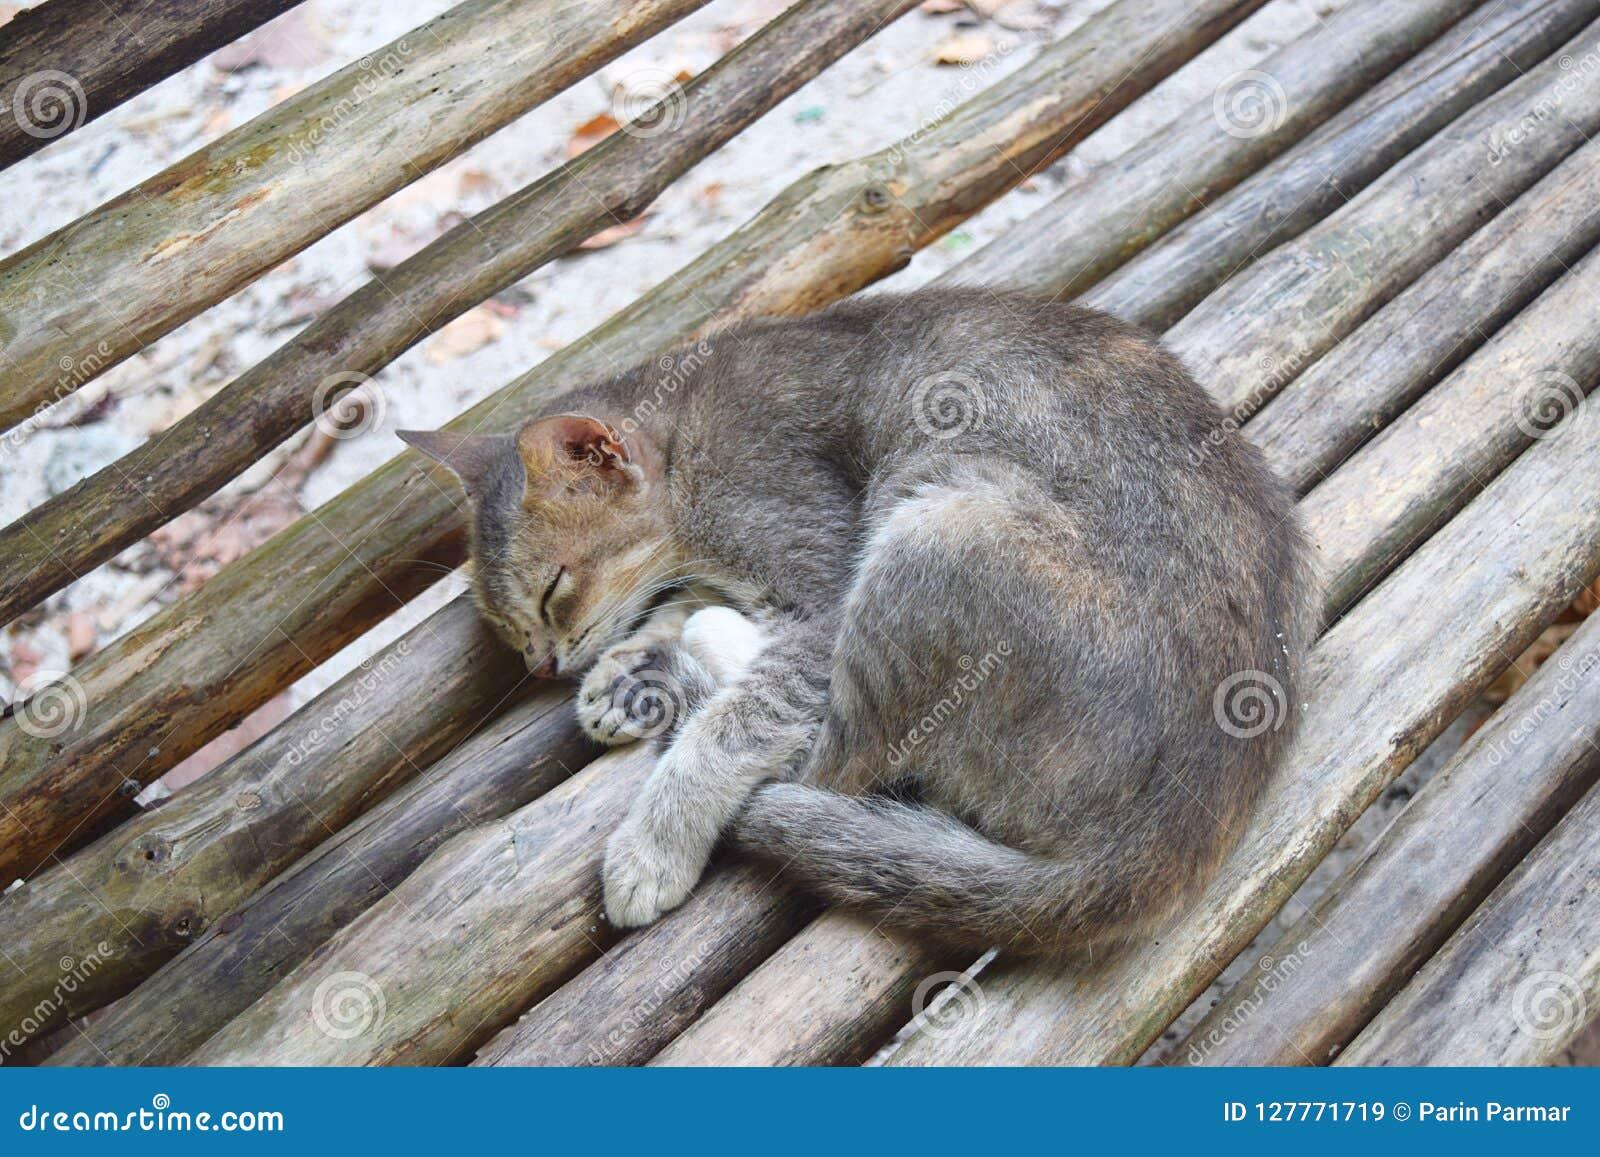 Leuke Cat Sleeping op een Houten Bank - Koele Ontspanning en Vreedzame Rust